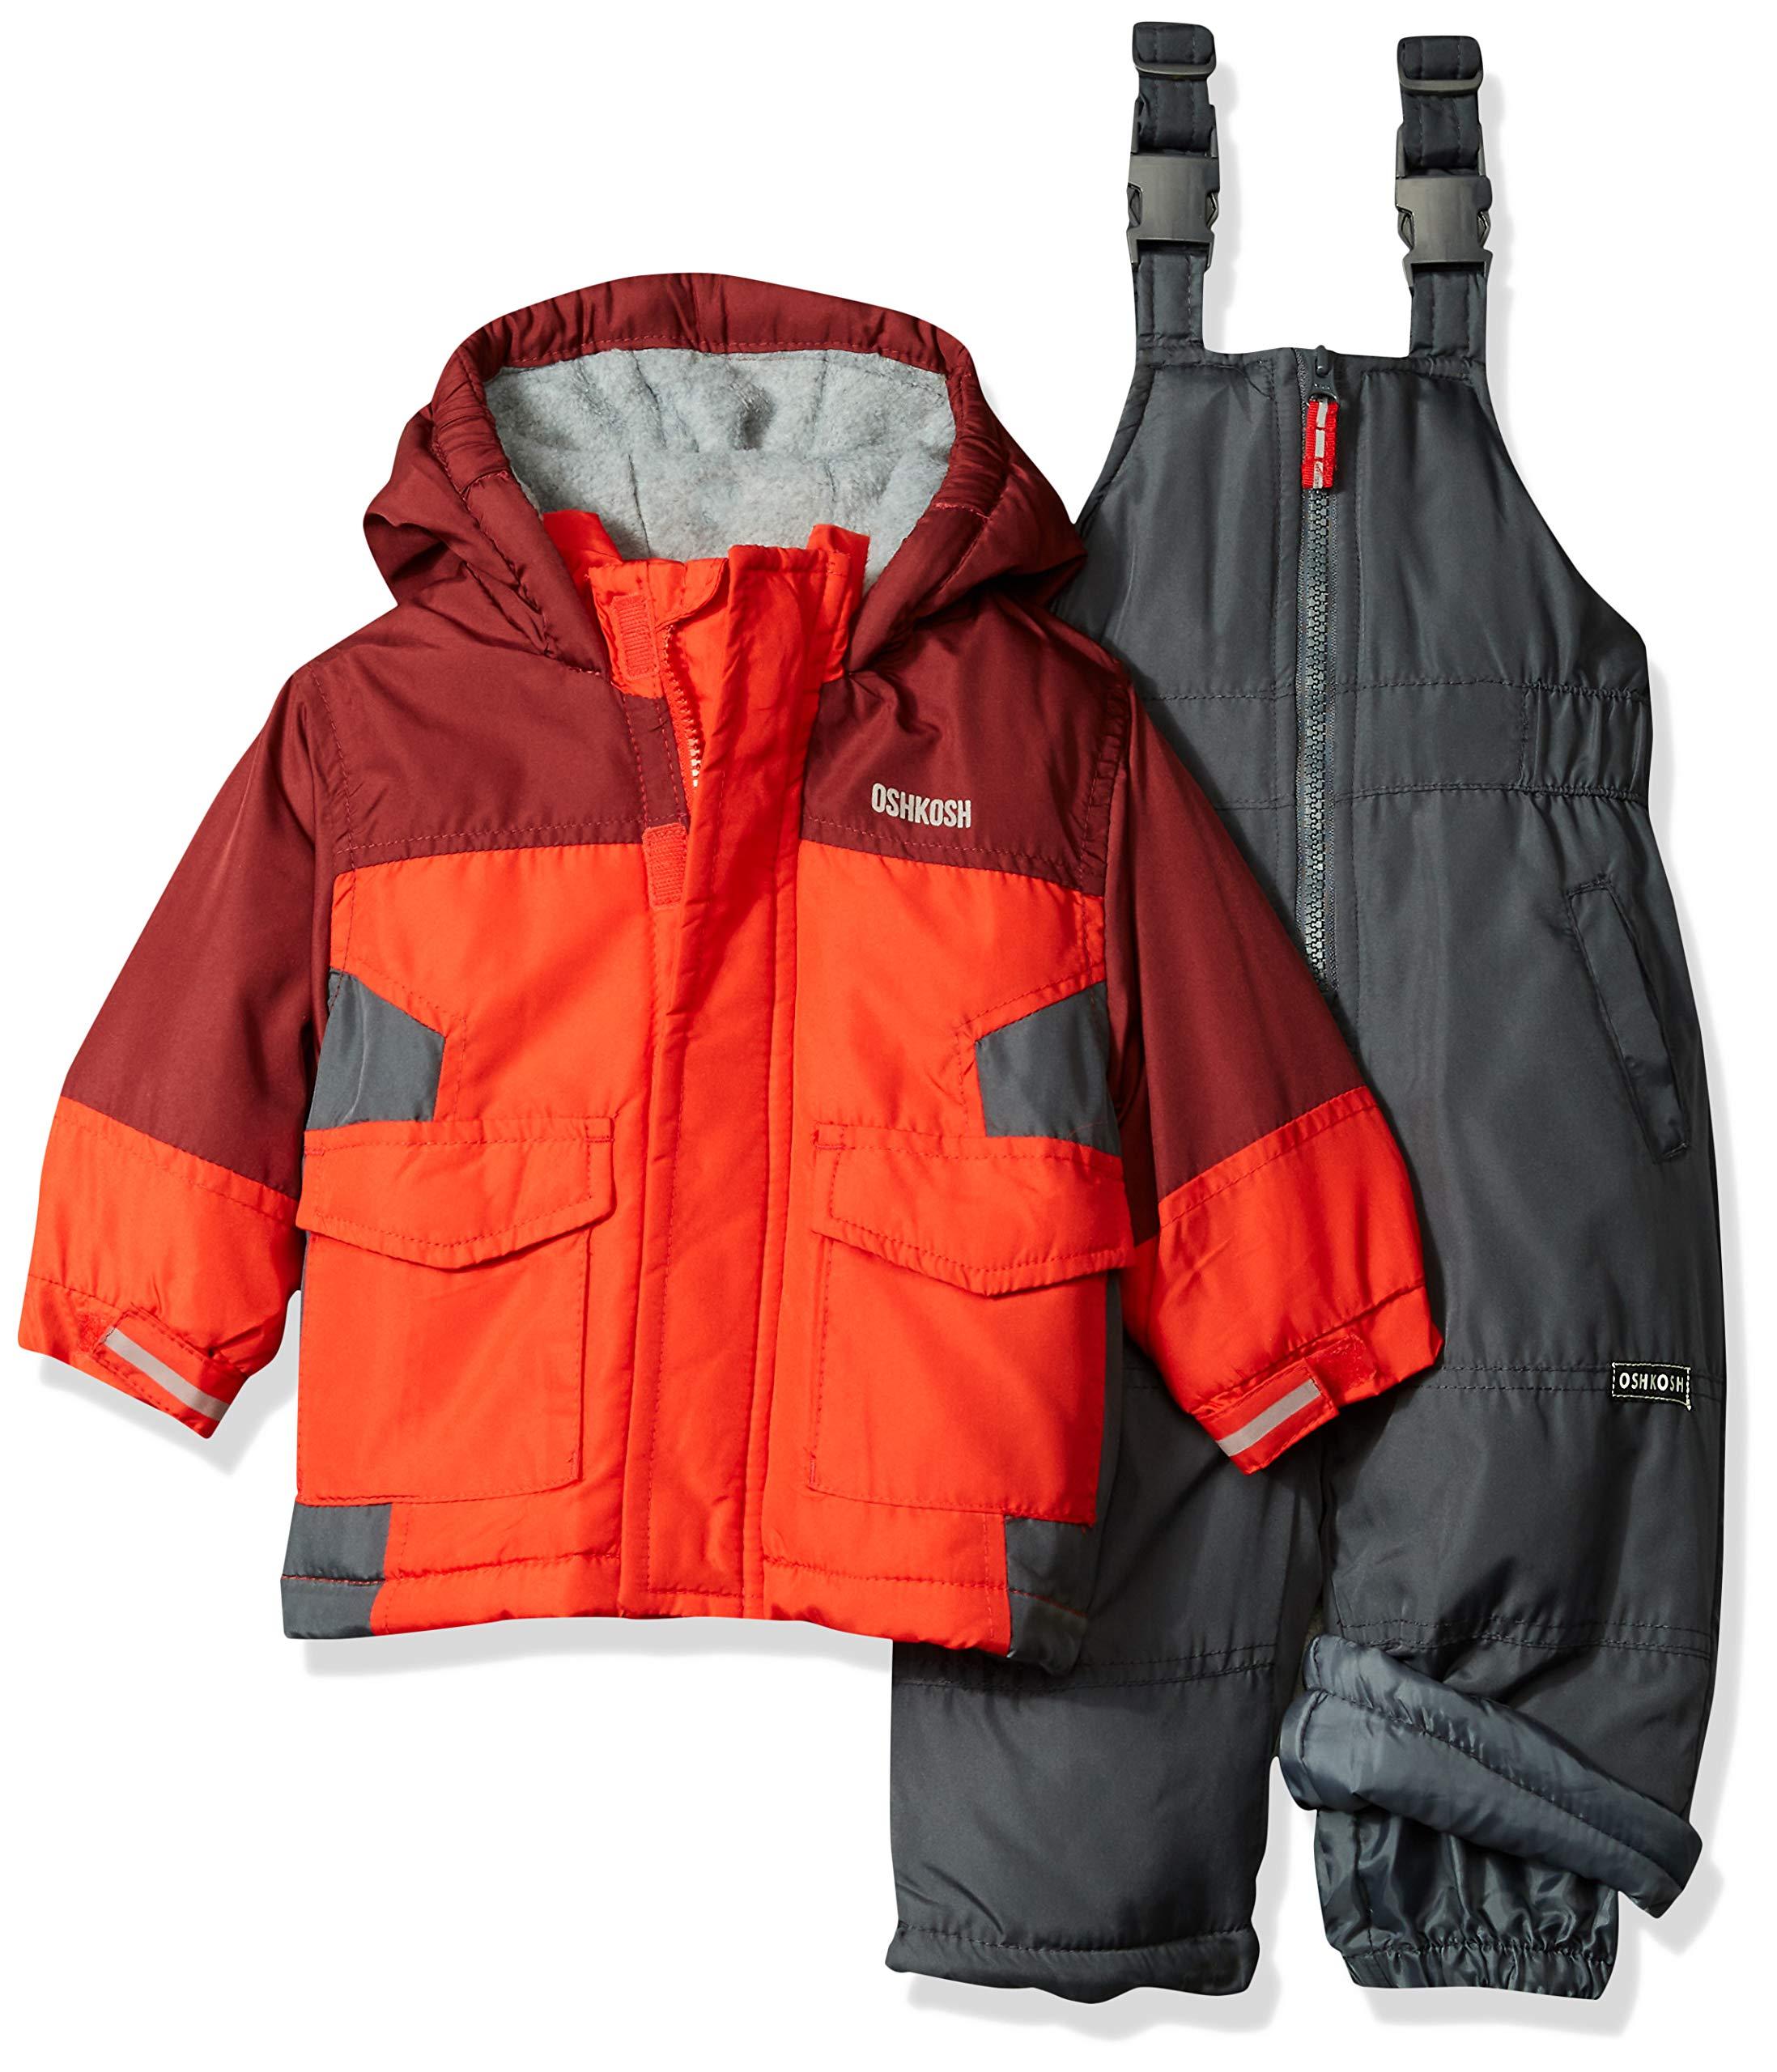 OshKosh B'Gosh Baby Boys Ski Jacket and Snowbib Snowsuit Set, Maple Leaf/Sneaker Grey, 12M